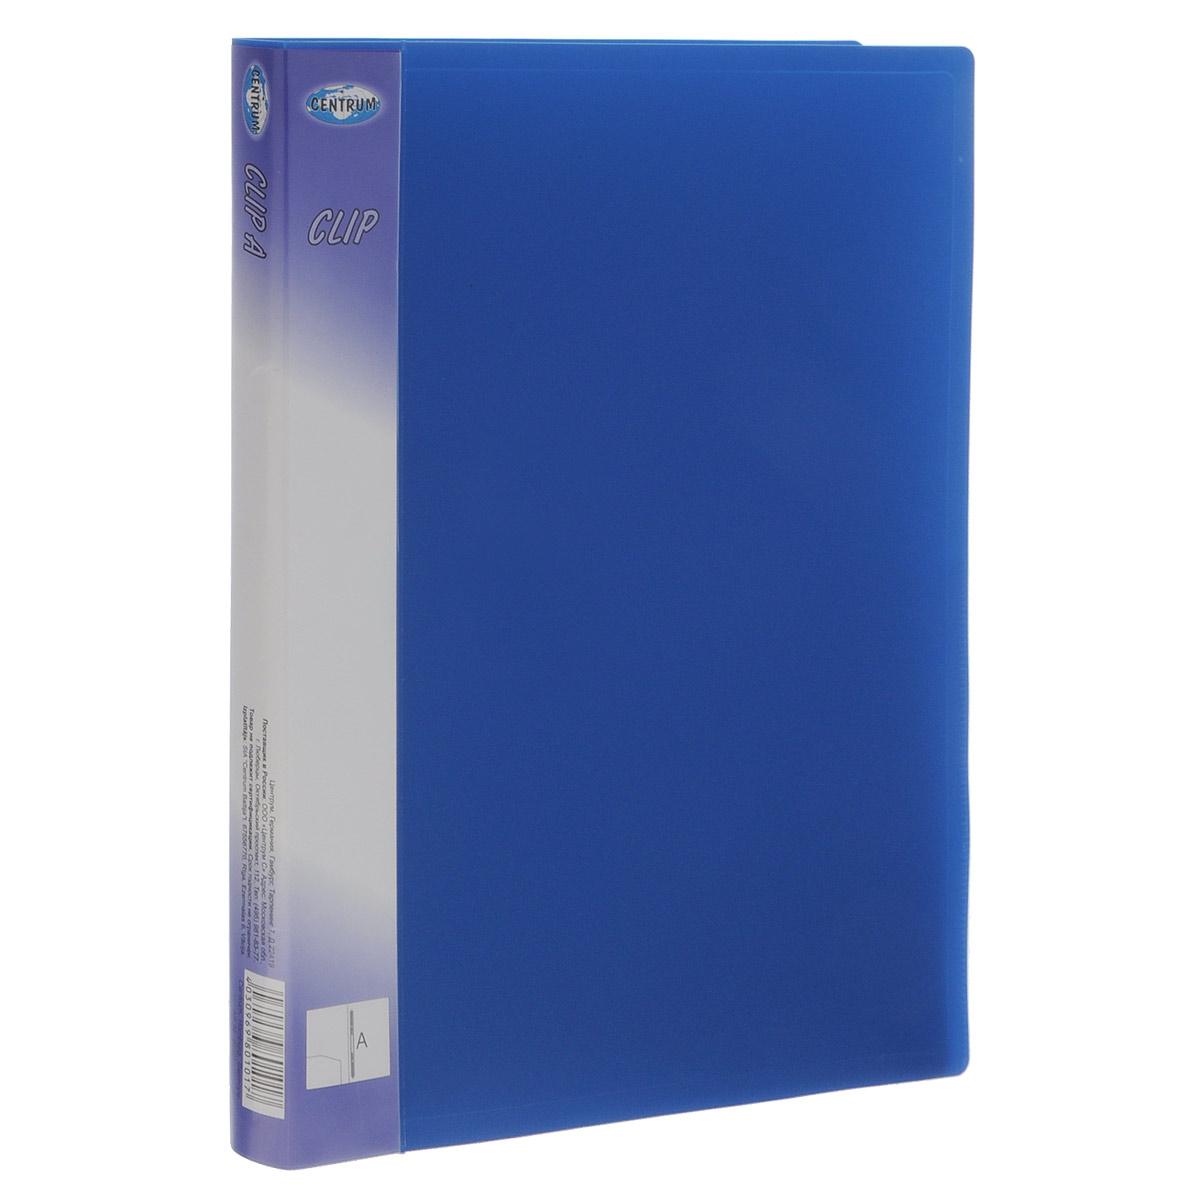 Папка-скоросшиватель Centrum Clip, цвет: синий, формат А480101Папка-скоросшиватель Centrum Clip - это удобный и практичный офисный инструмент, предназначенный для бережного хранения и транспортировки перфорированных рабочих бумаг и документов формата А4.Папка изготовлена из полупрозрачного фактурного пластика, оснащена металлическим пружинным скоросшивателем и дополнена прозрачным кармашком на корешкеПапка-скоросшиватель надежно сохранит ваши документы и сбережет их от повреждений, пыли и влаги.